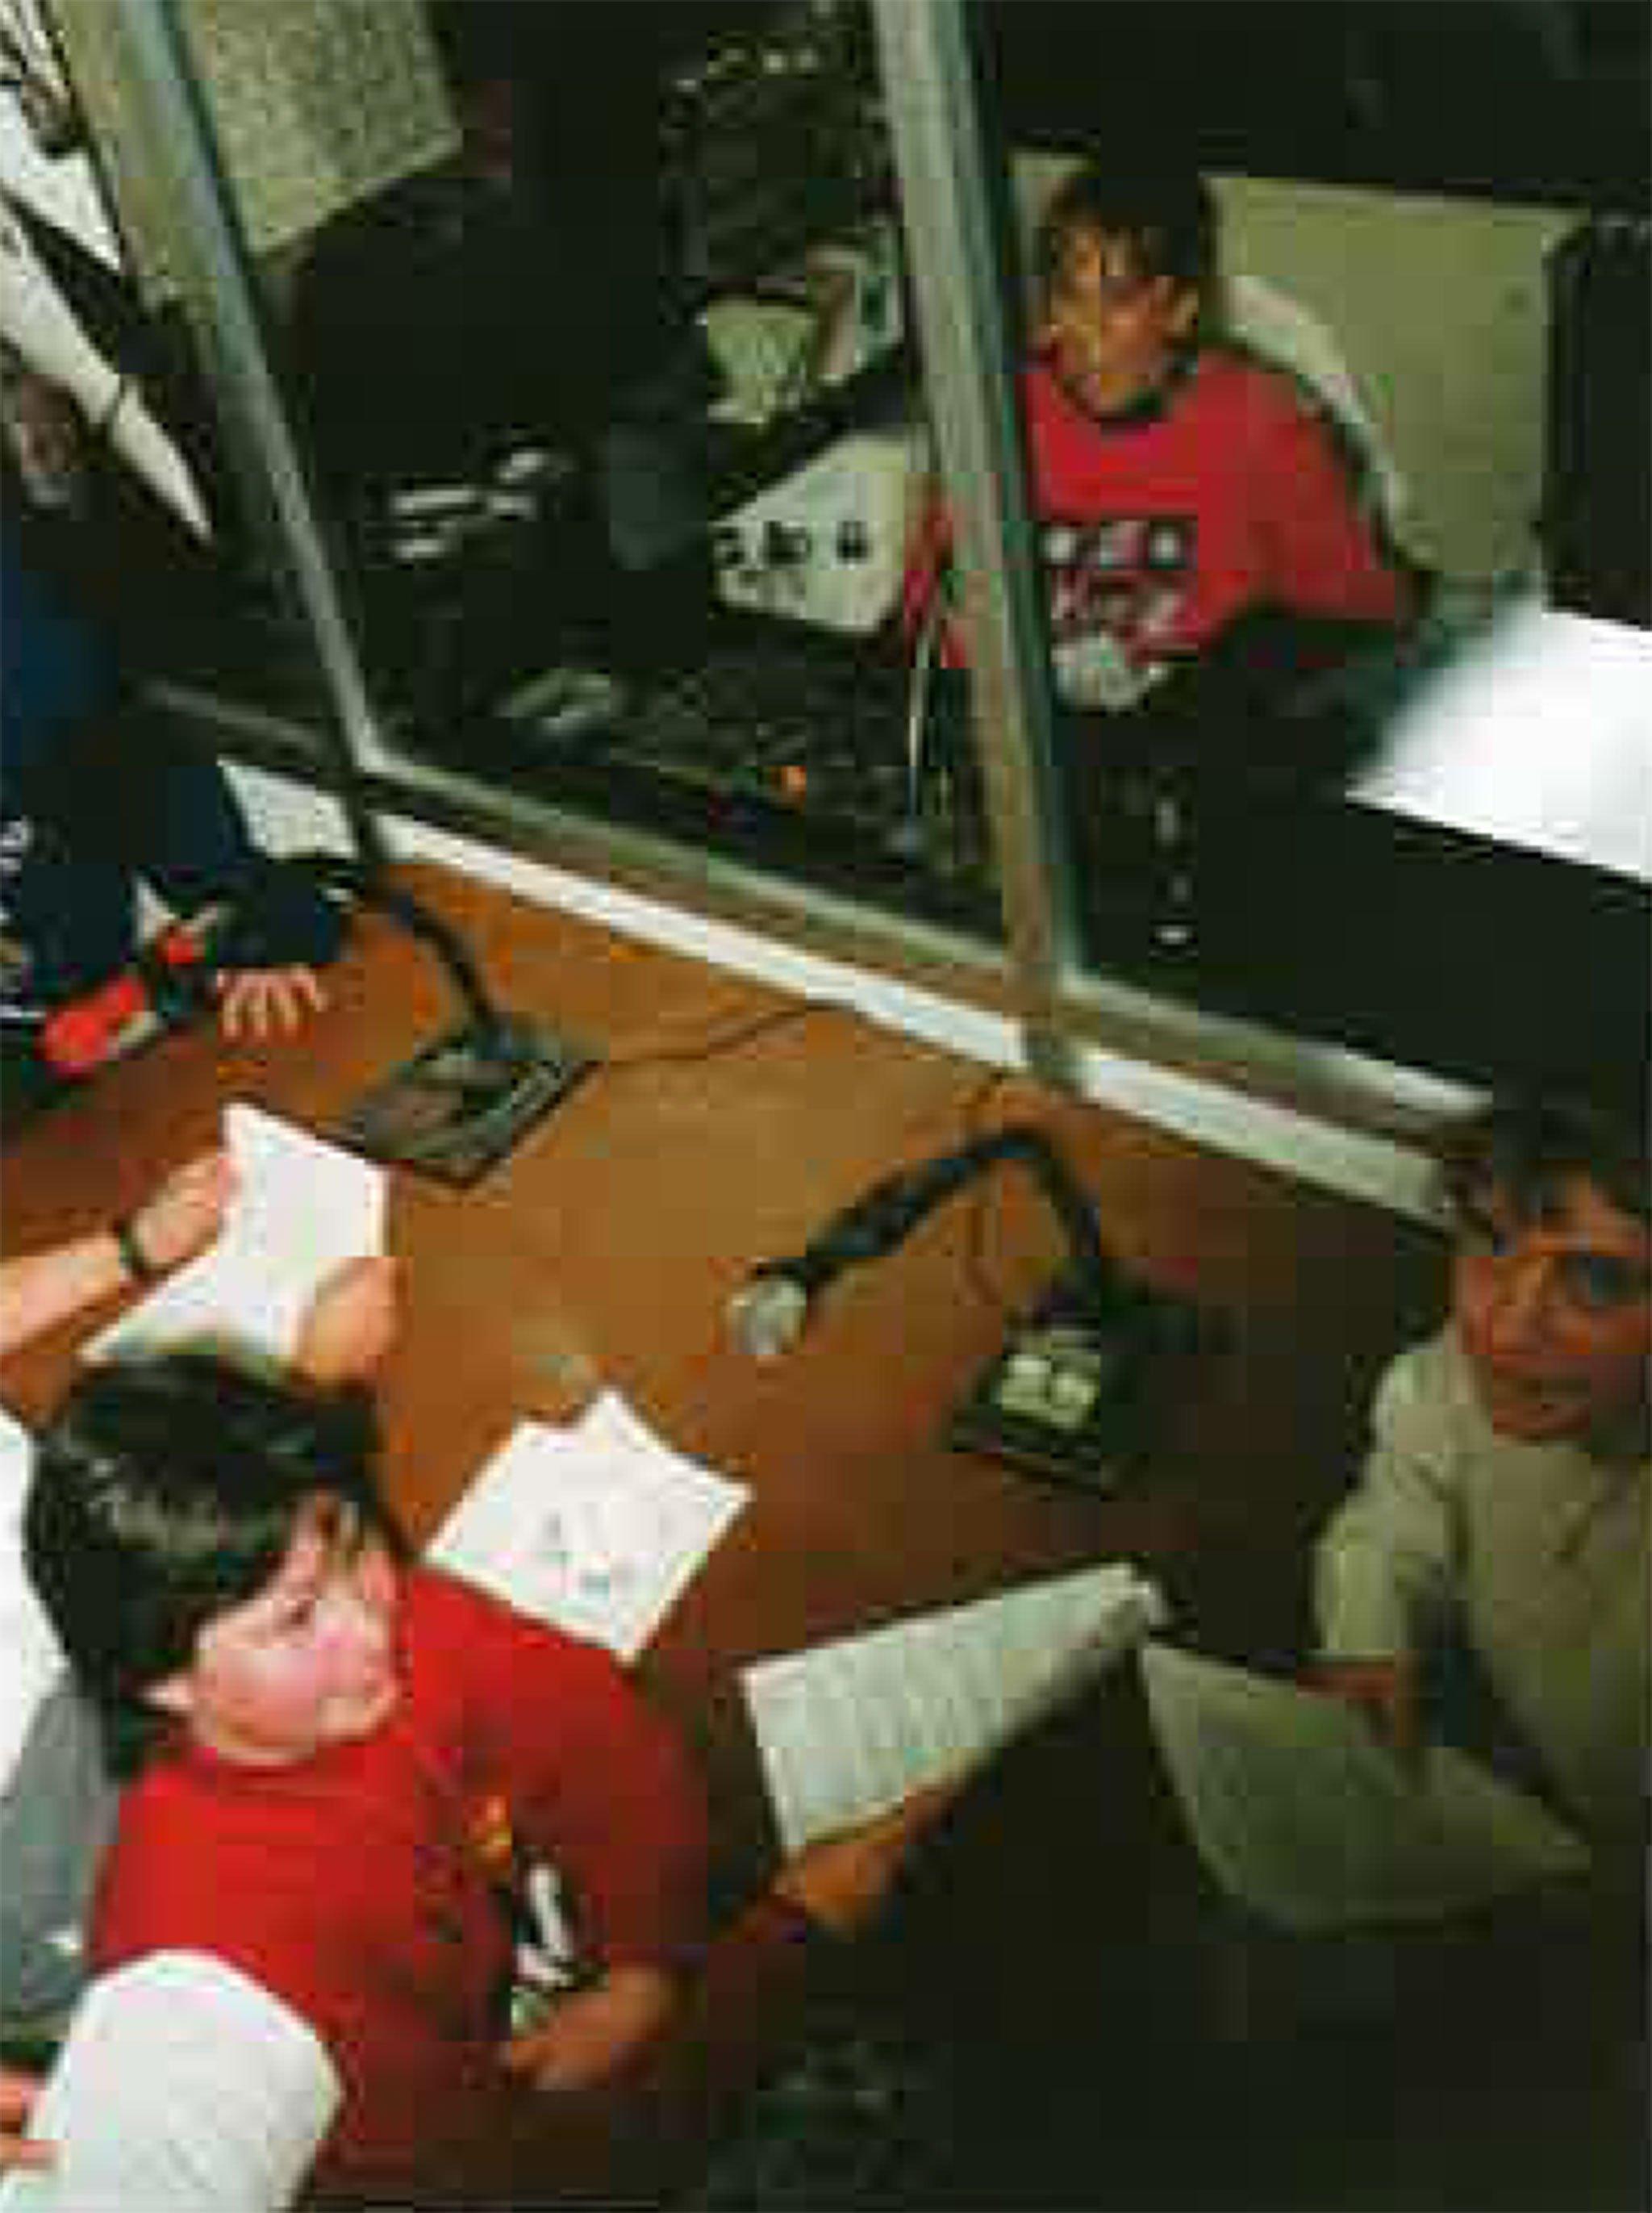 Emisora de radio del CEIP Trenc d'Alba, «Radio Amanecer» (Foto extraída del libro «25 anys al CEIP Trenc d'Alba», de 2009)